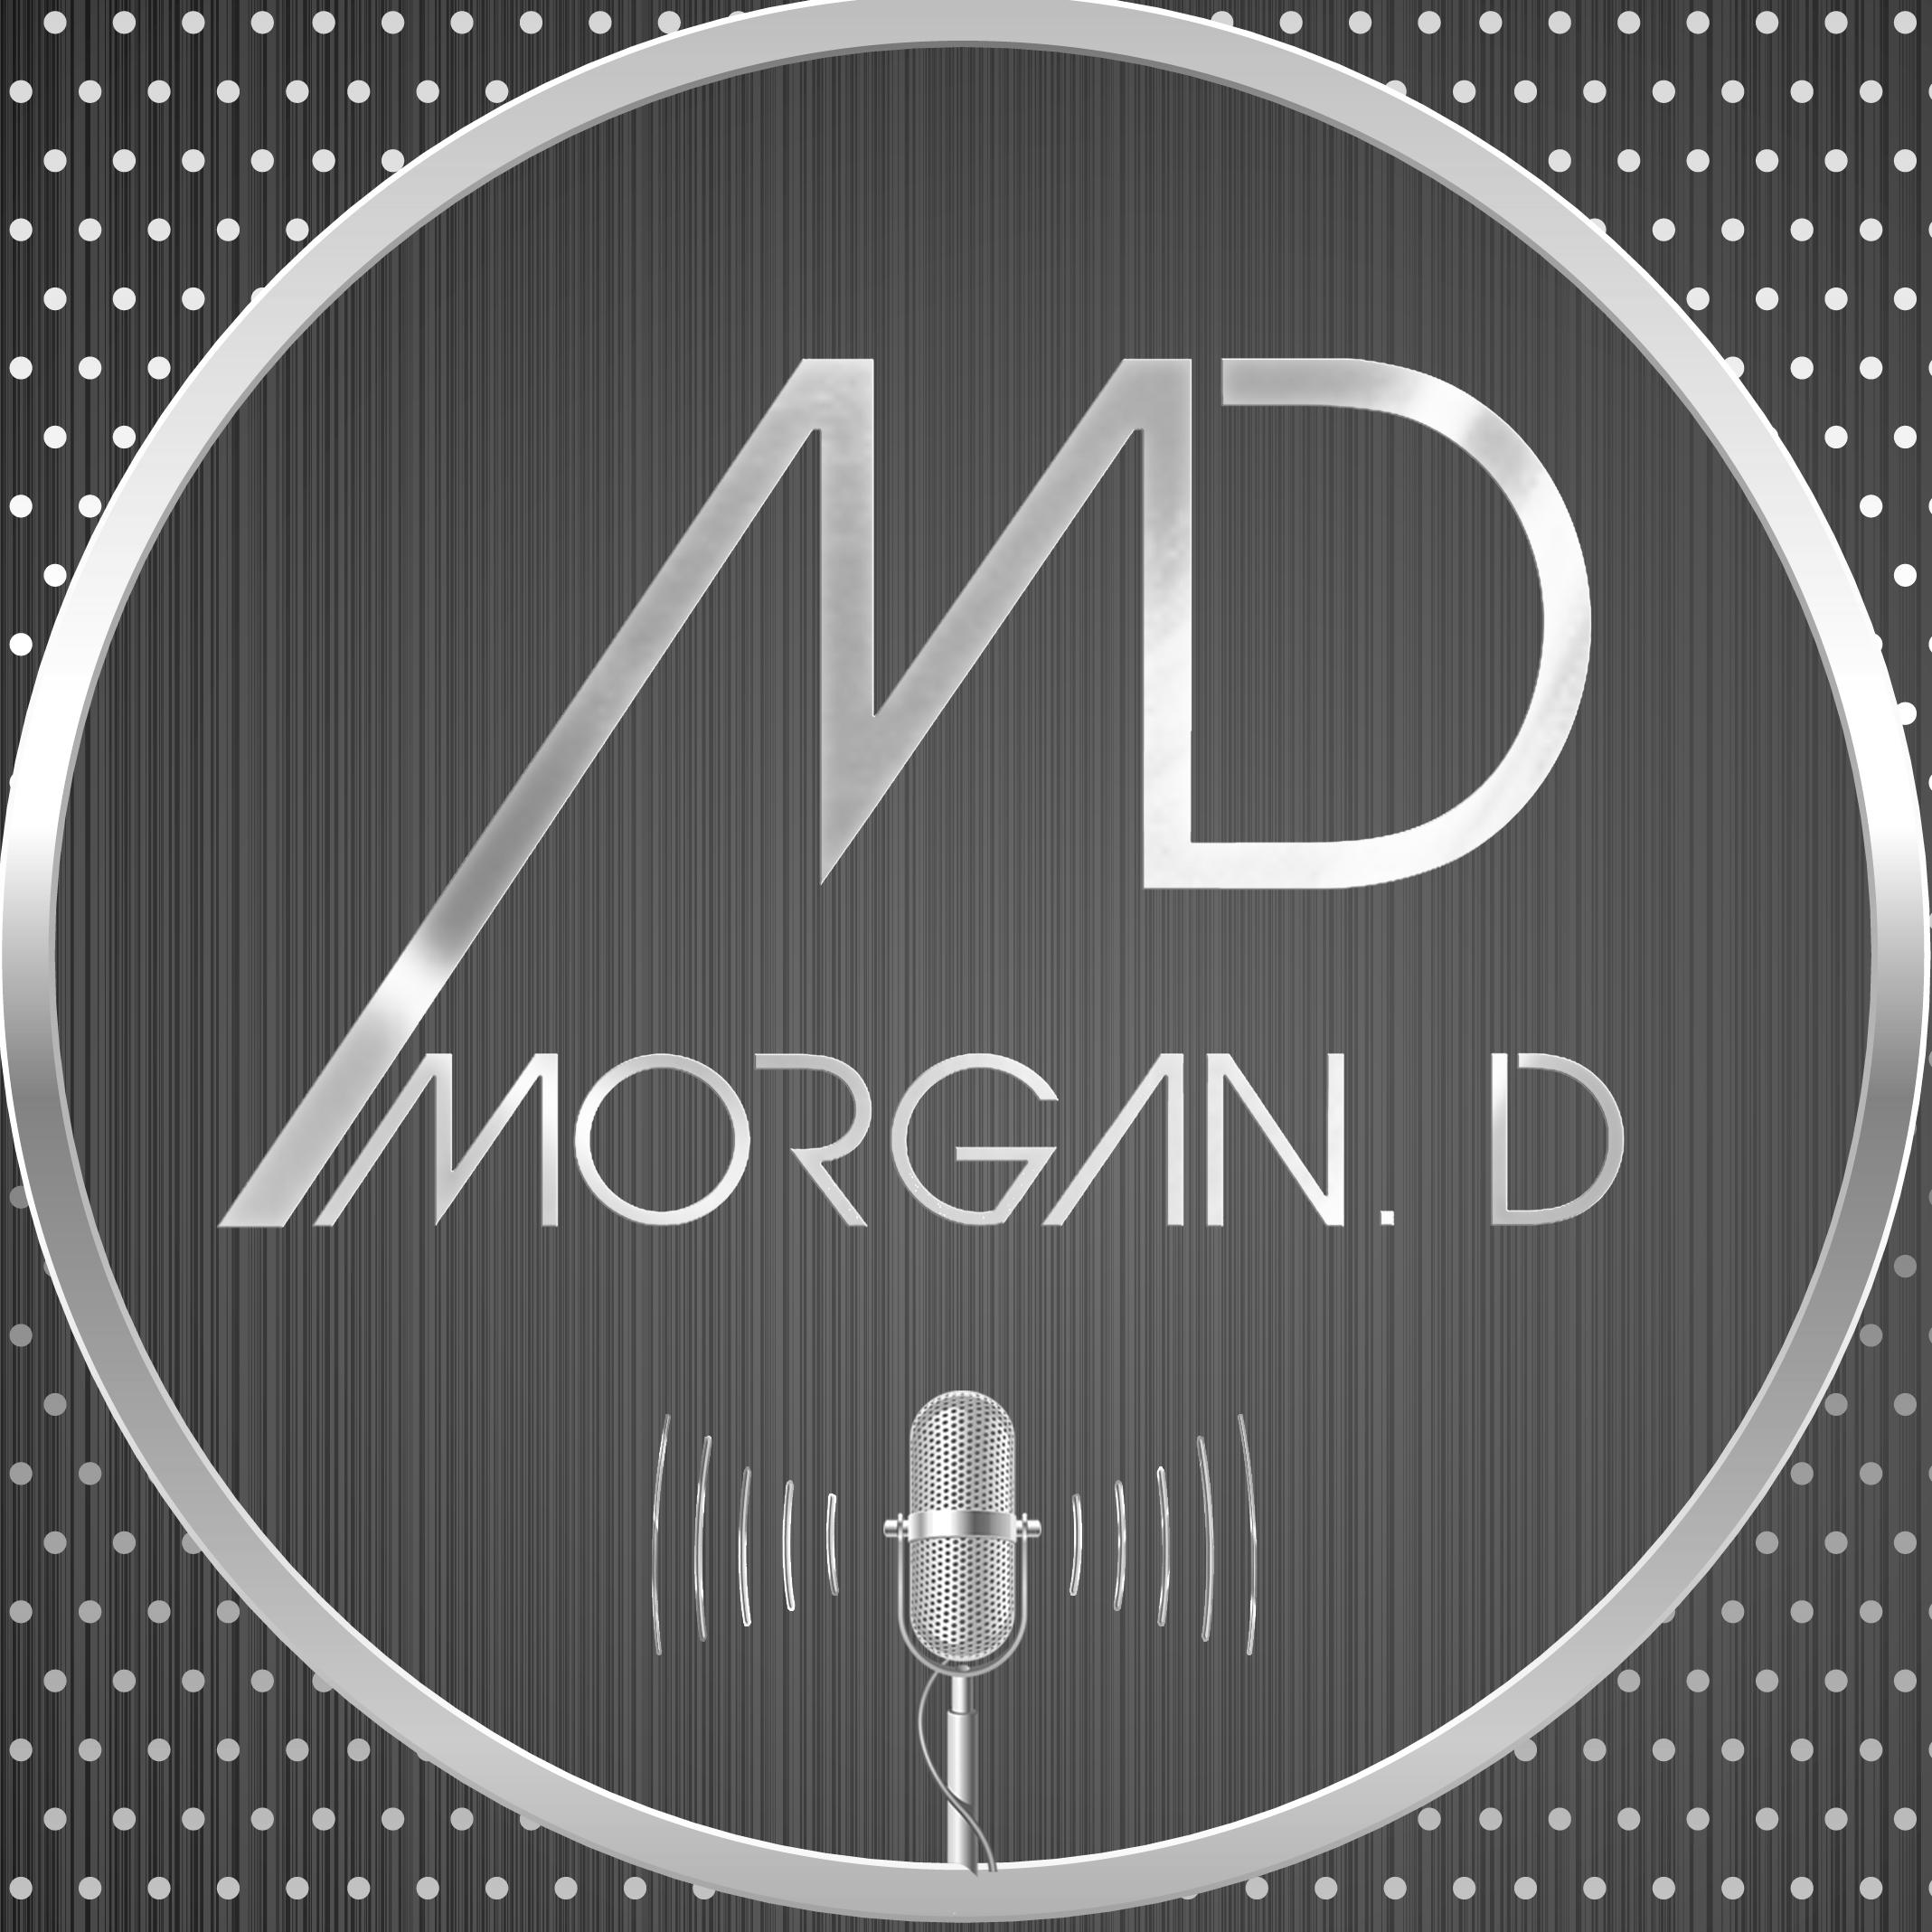 Morgan D